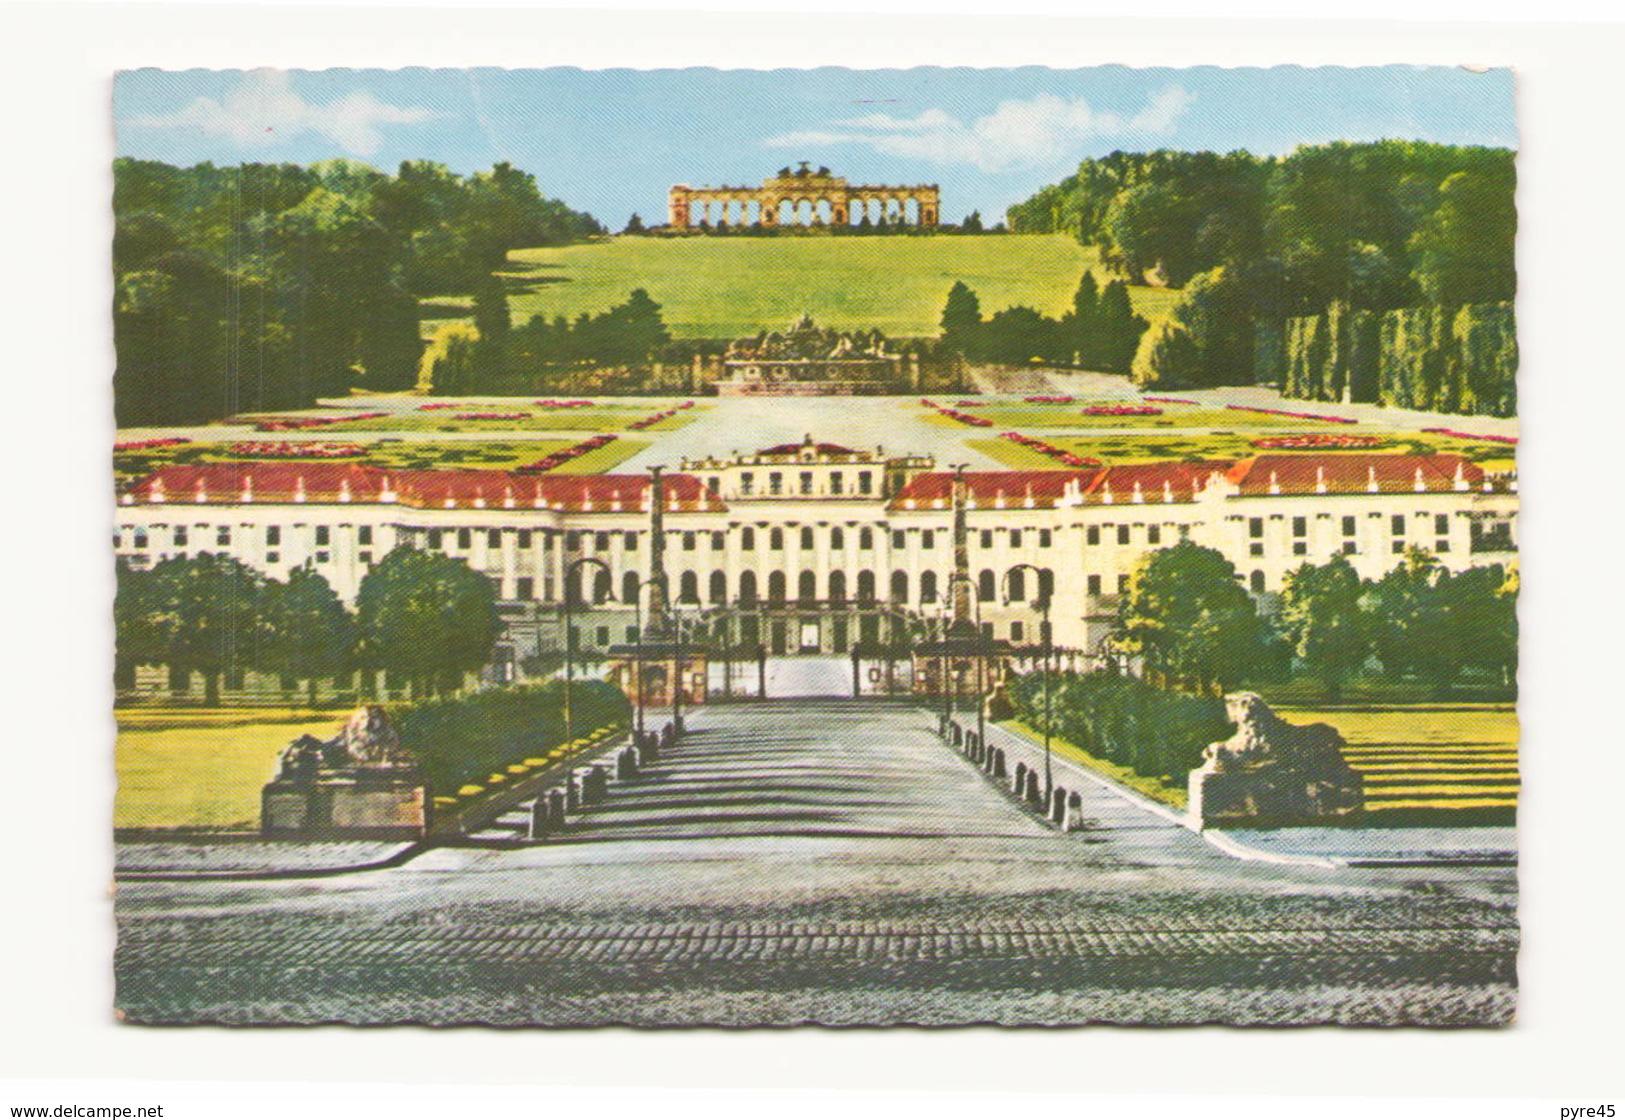 AUTRICHE WIEN SCHLOSS SCHONBRUNN GLORIETTE - Château De Schönbrunn